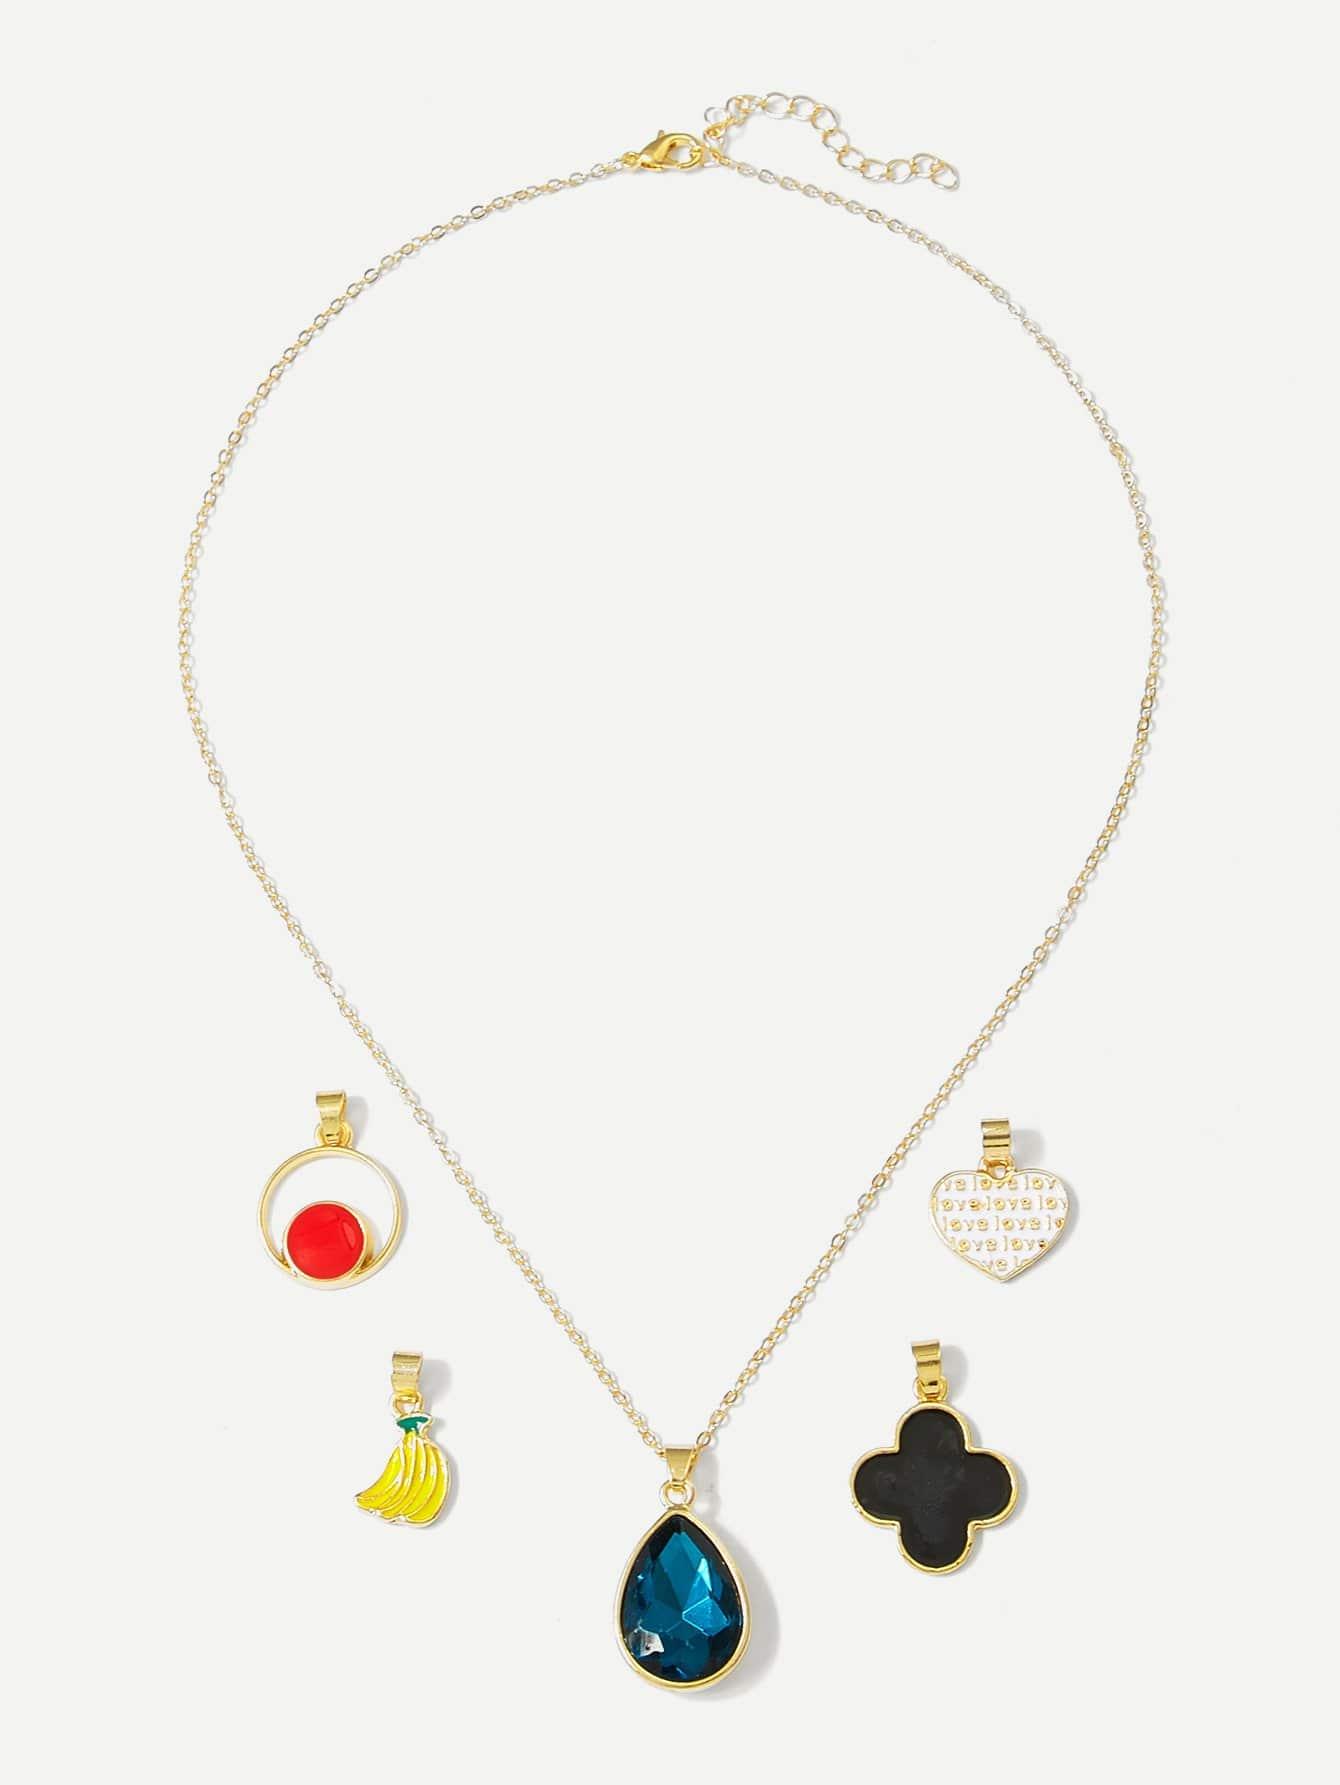 Abnehmbare Halskette mit Banane und Edelstein 5pcs